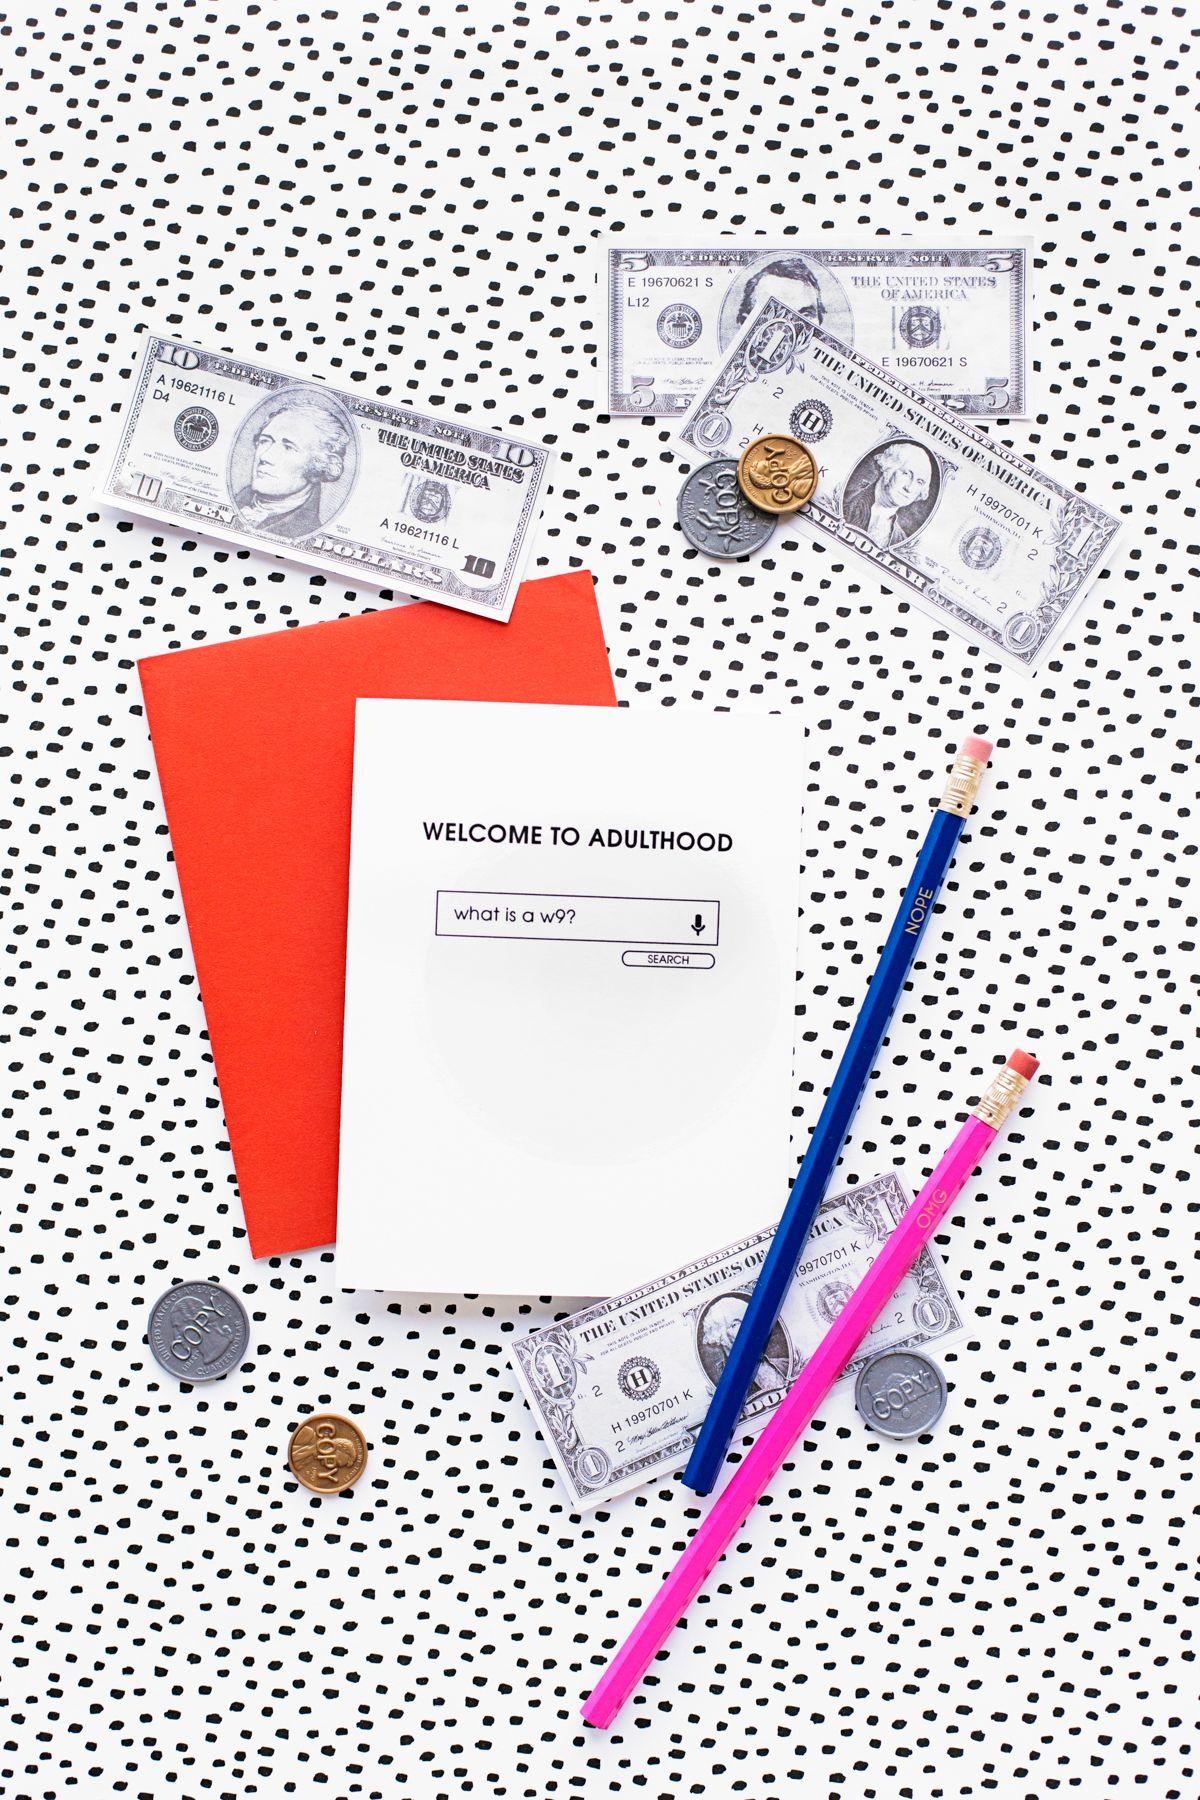 Welcome To Adulthood: Free Printable Graduation Cards   Graduation - Free Printable Welcome Cards